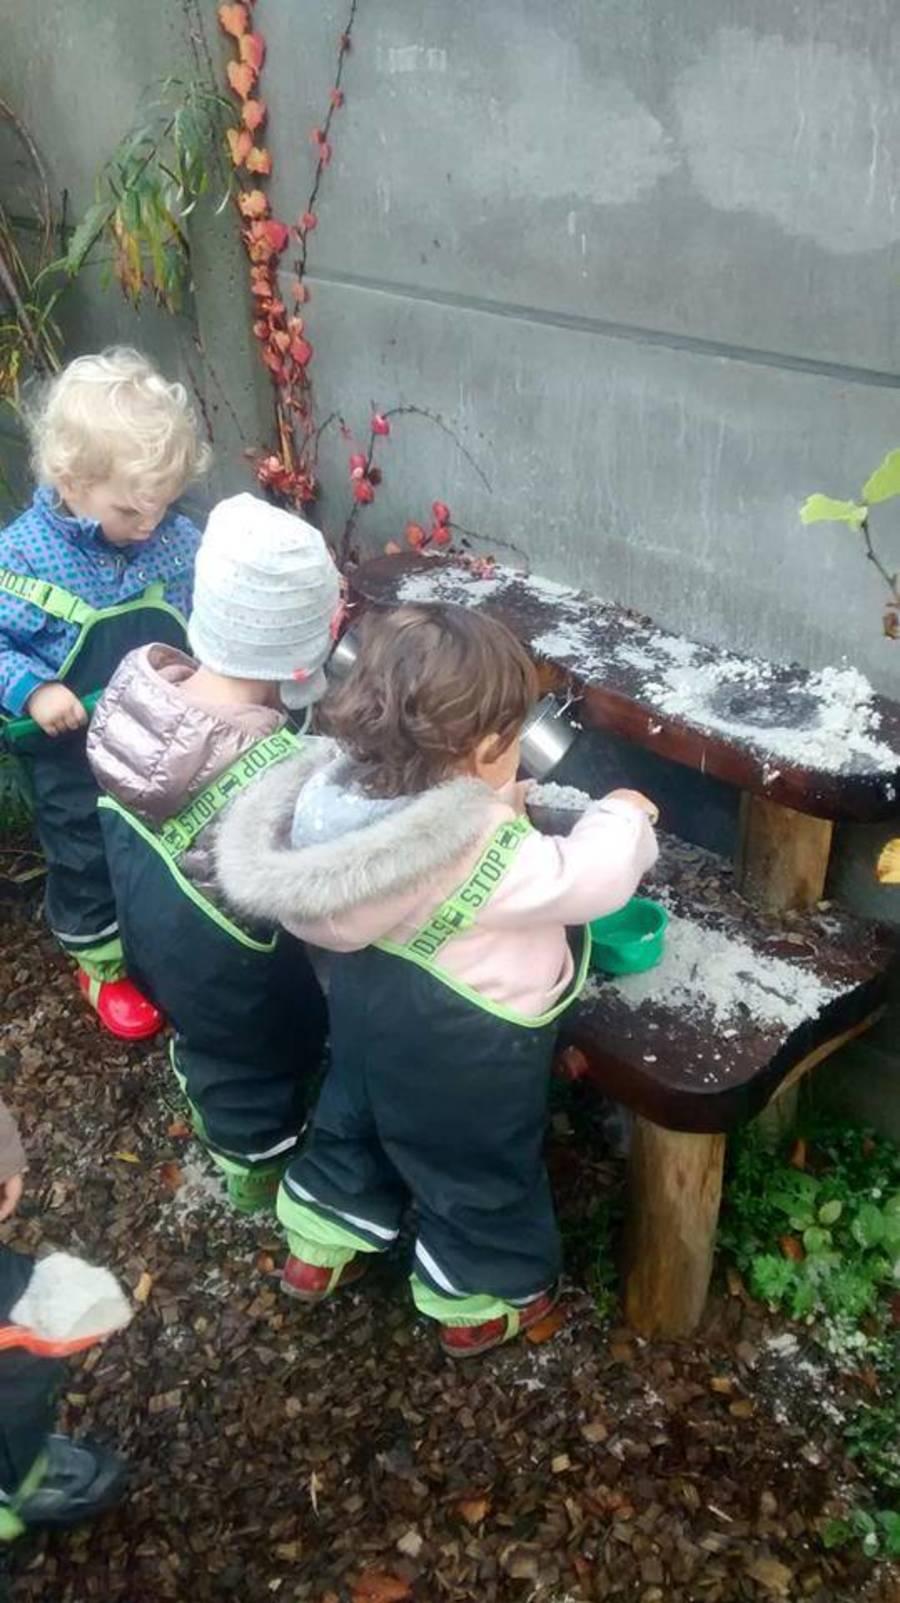 Kinderen spelen in regenbroek en warme kleren in de buitenkeuken